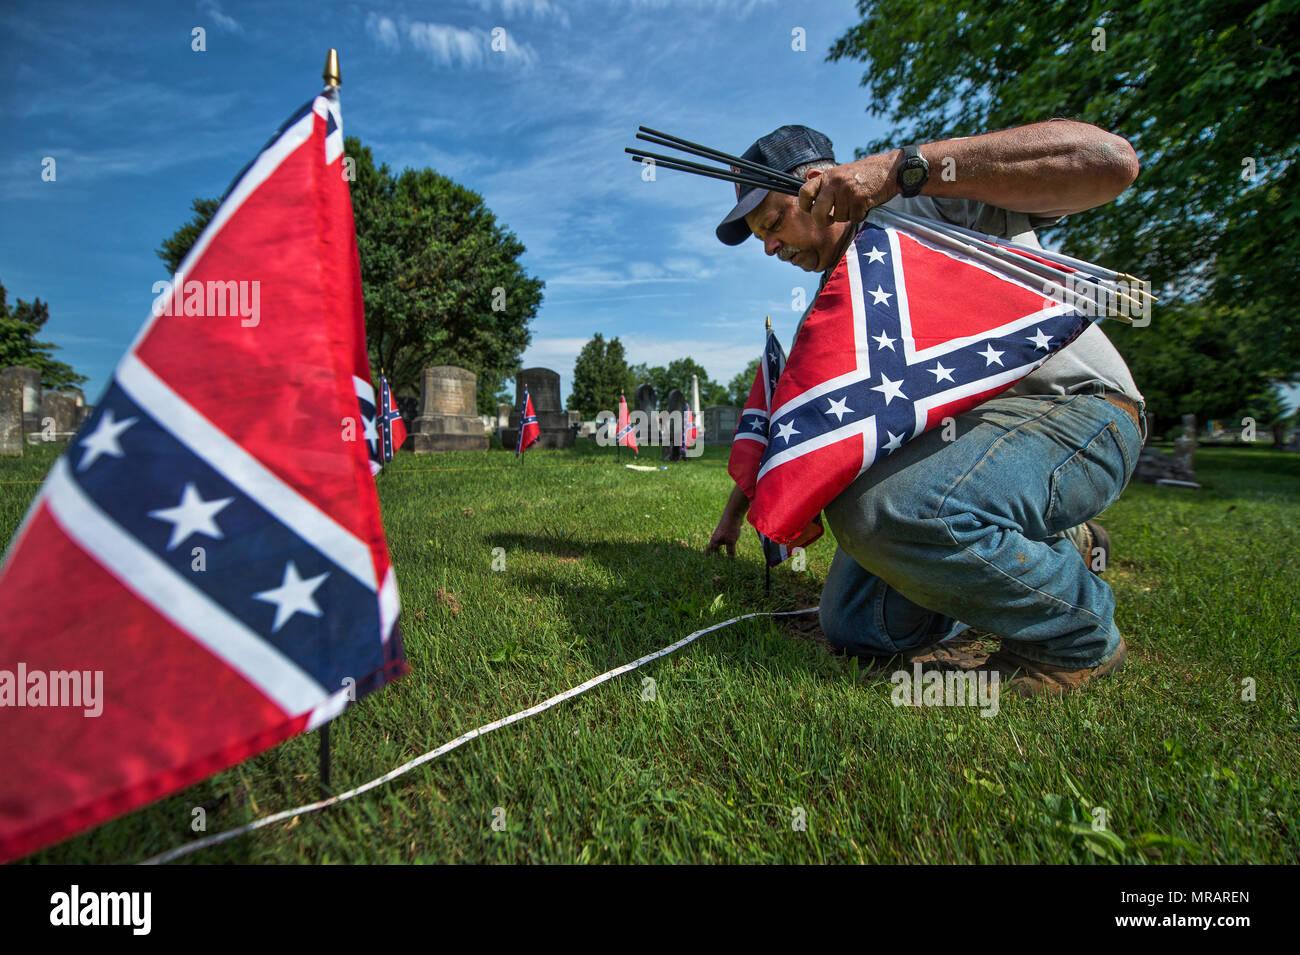 UNITED STATES: Mai 26, 2018: Kenneth M. Fleming constitue l'une des deux fosses communes de soldats confédérés au cimetière de l'Union à Leesburg durant une journée de repérage des tombes des anciens combattants. Les deux prochains jours, les membres de la SCV, Anciens combattants des guerres étrangères, Filles de la Révolution américaine, de l'American Legion, les Scouts, les équipes de baseball de l'American Legion et autres organisations vont définir les indicateurs sur les tombes des anciens combattants de Loudoun pour Memorial Day lundi. (Photo par Douglas Graham/Loudoun maintenant) Crédit: William Graham/Alamy Live News Photo Stock